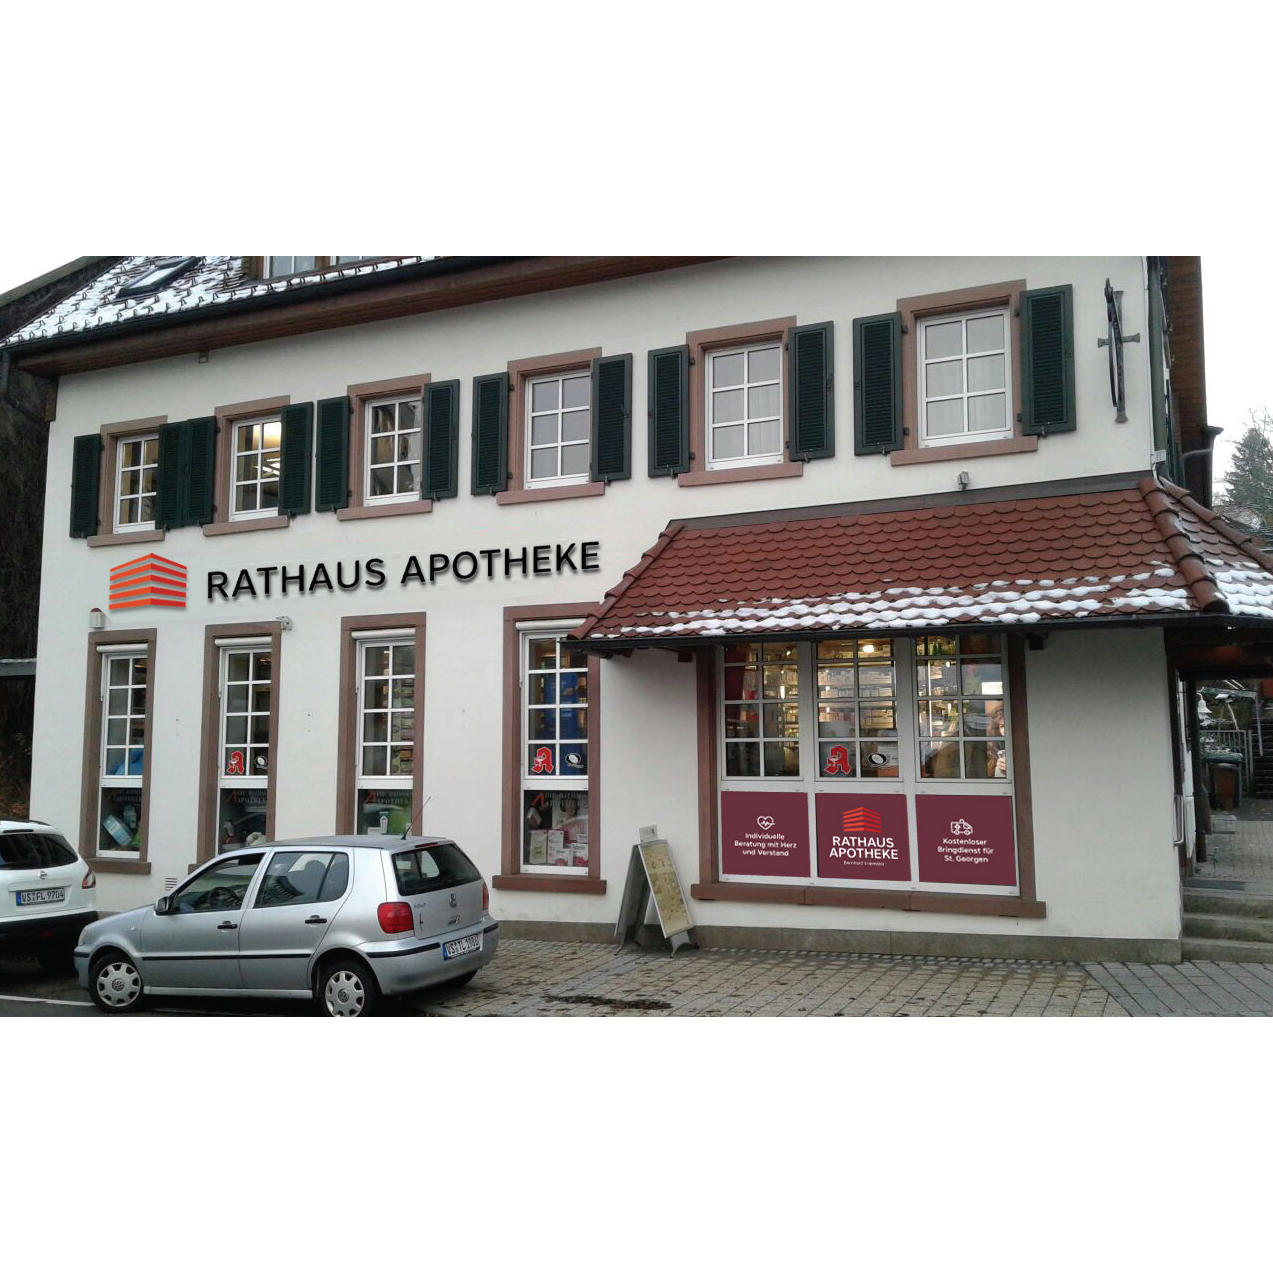 Bild zu Rathaus-Apotheke in Sankt Georgen im Schwarzwald